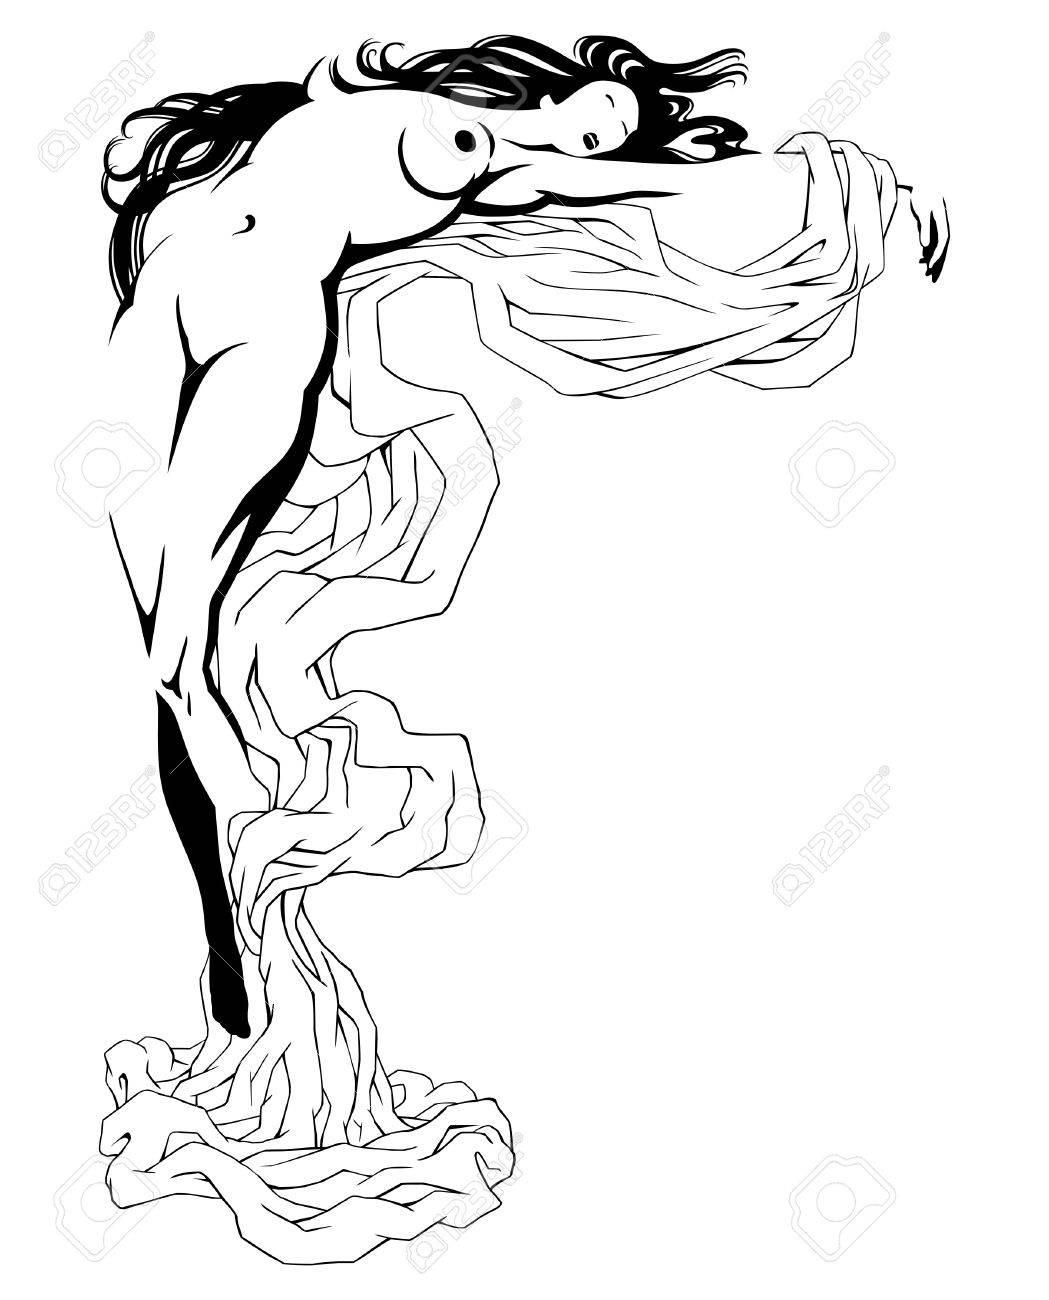 エロティックなポーズの女の子を寝て輪郭で描画されますのイラスト